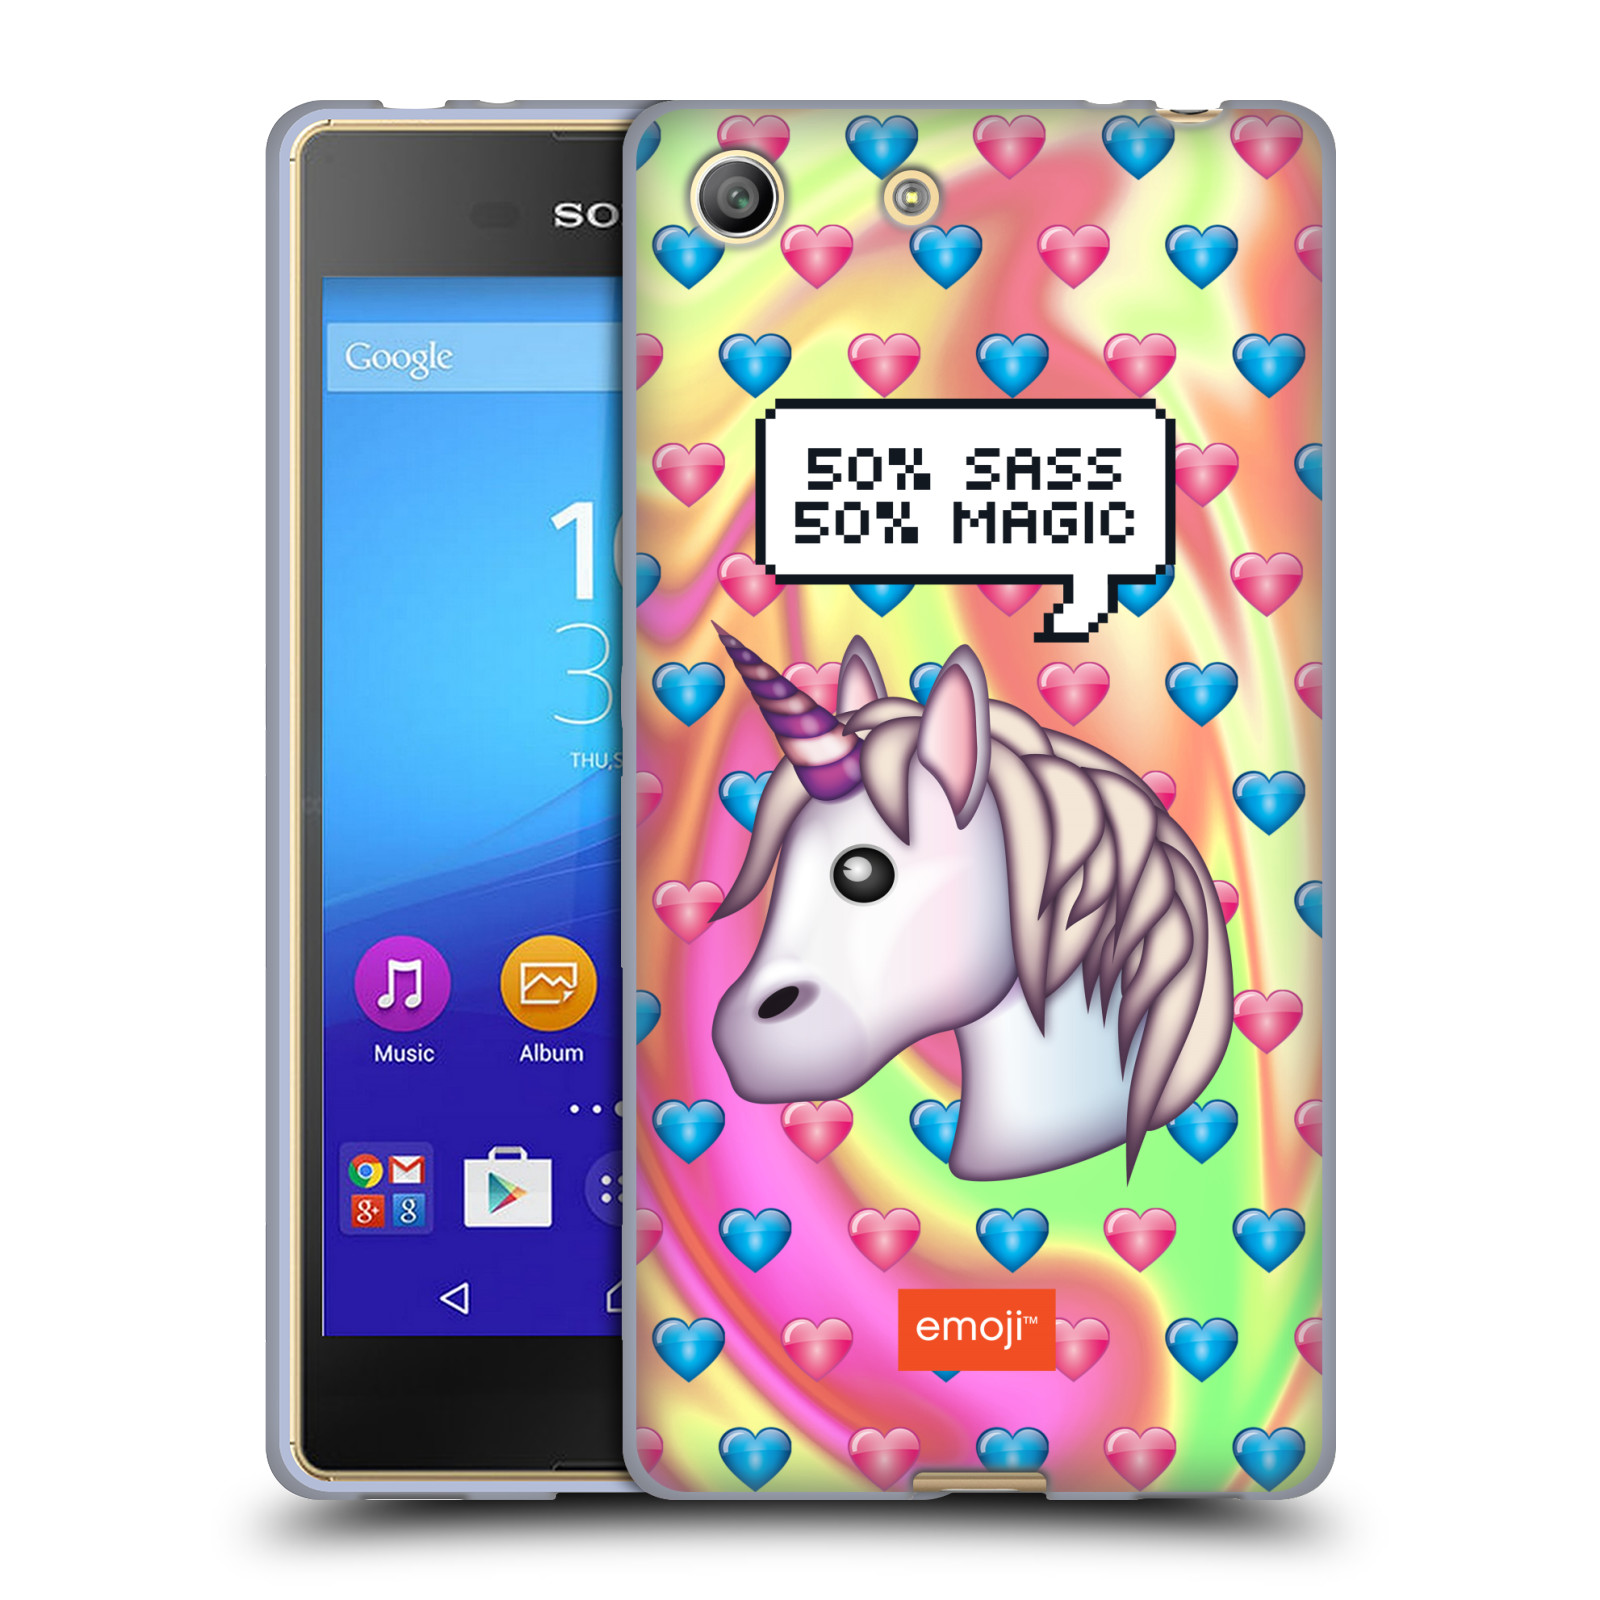 Silikonové pouzdro na mobil Sony Xperia M5 HEAD CASE EMOJI - Jednorožec (Silikonový kryt či obal s oficiálním motivem EMOJI na mobilní telefon Sony Xperia M5 Dual SIM / Aqua)